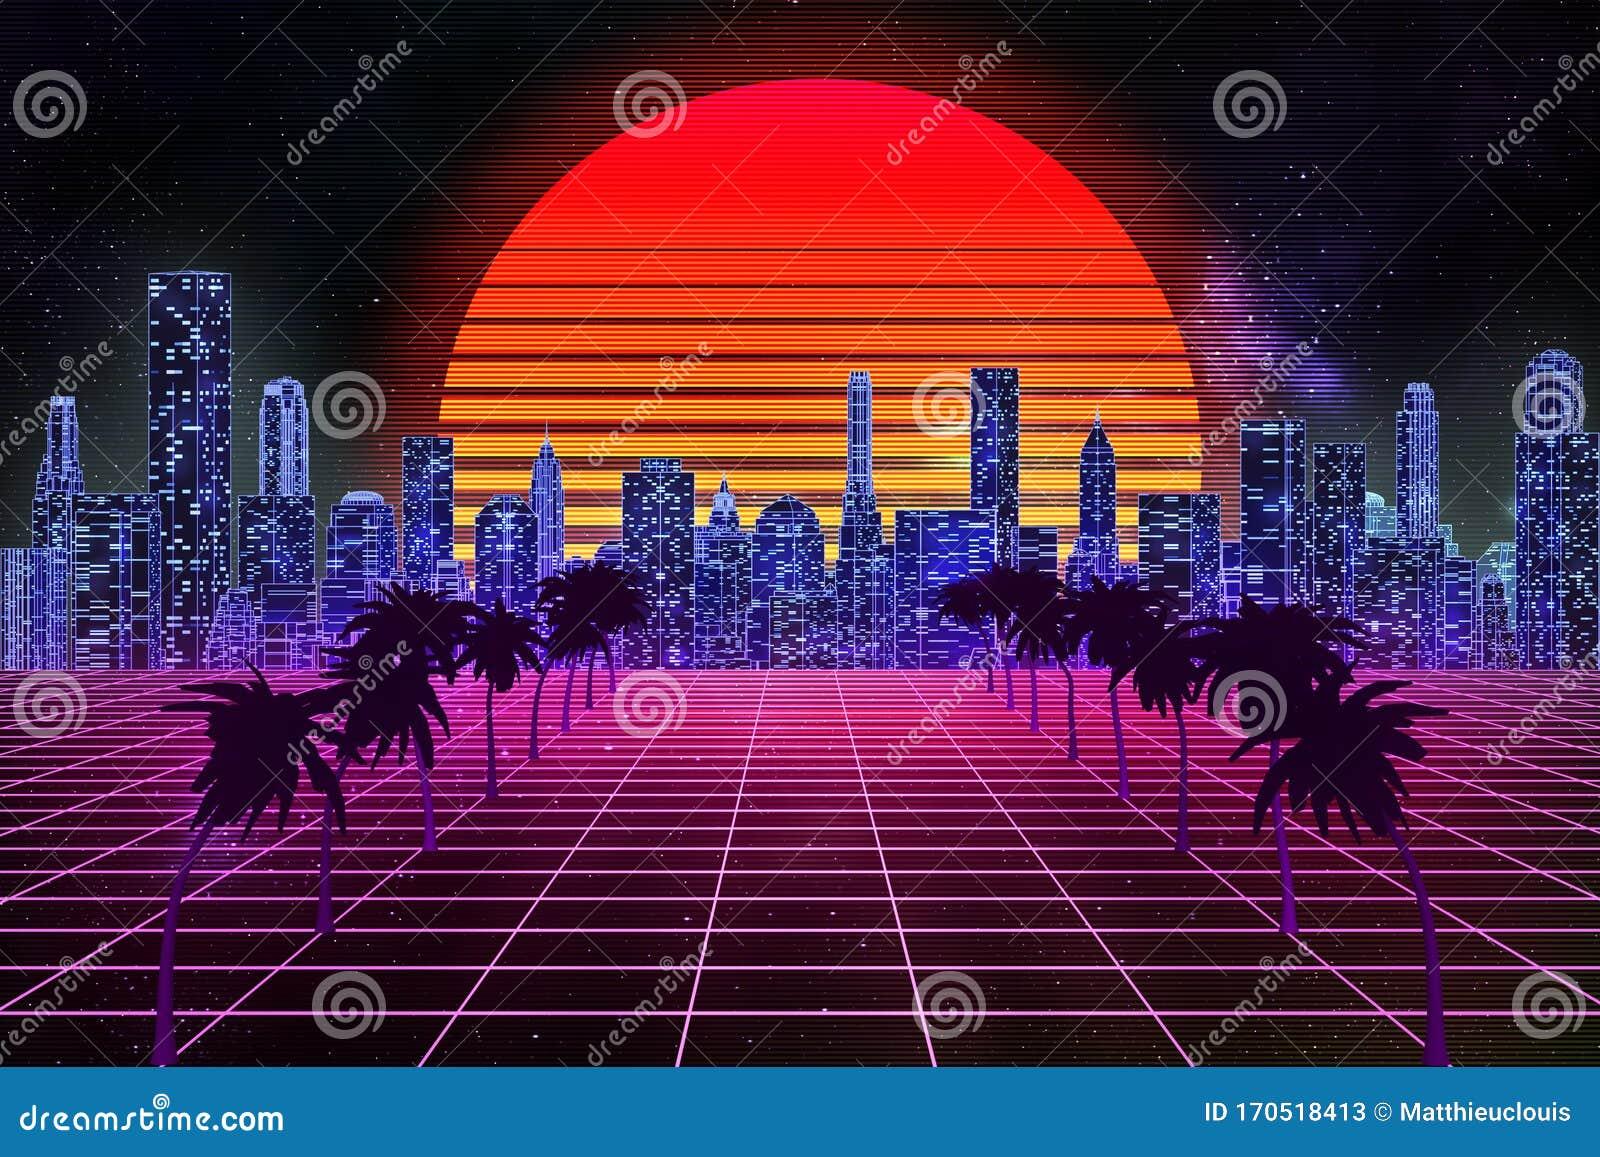 Retro Wave Synthwave Or Vaporwave Skyline Scenery Or Landscape At